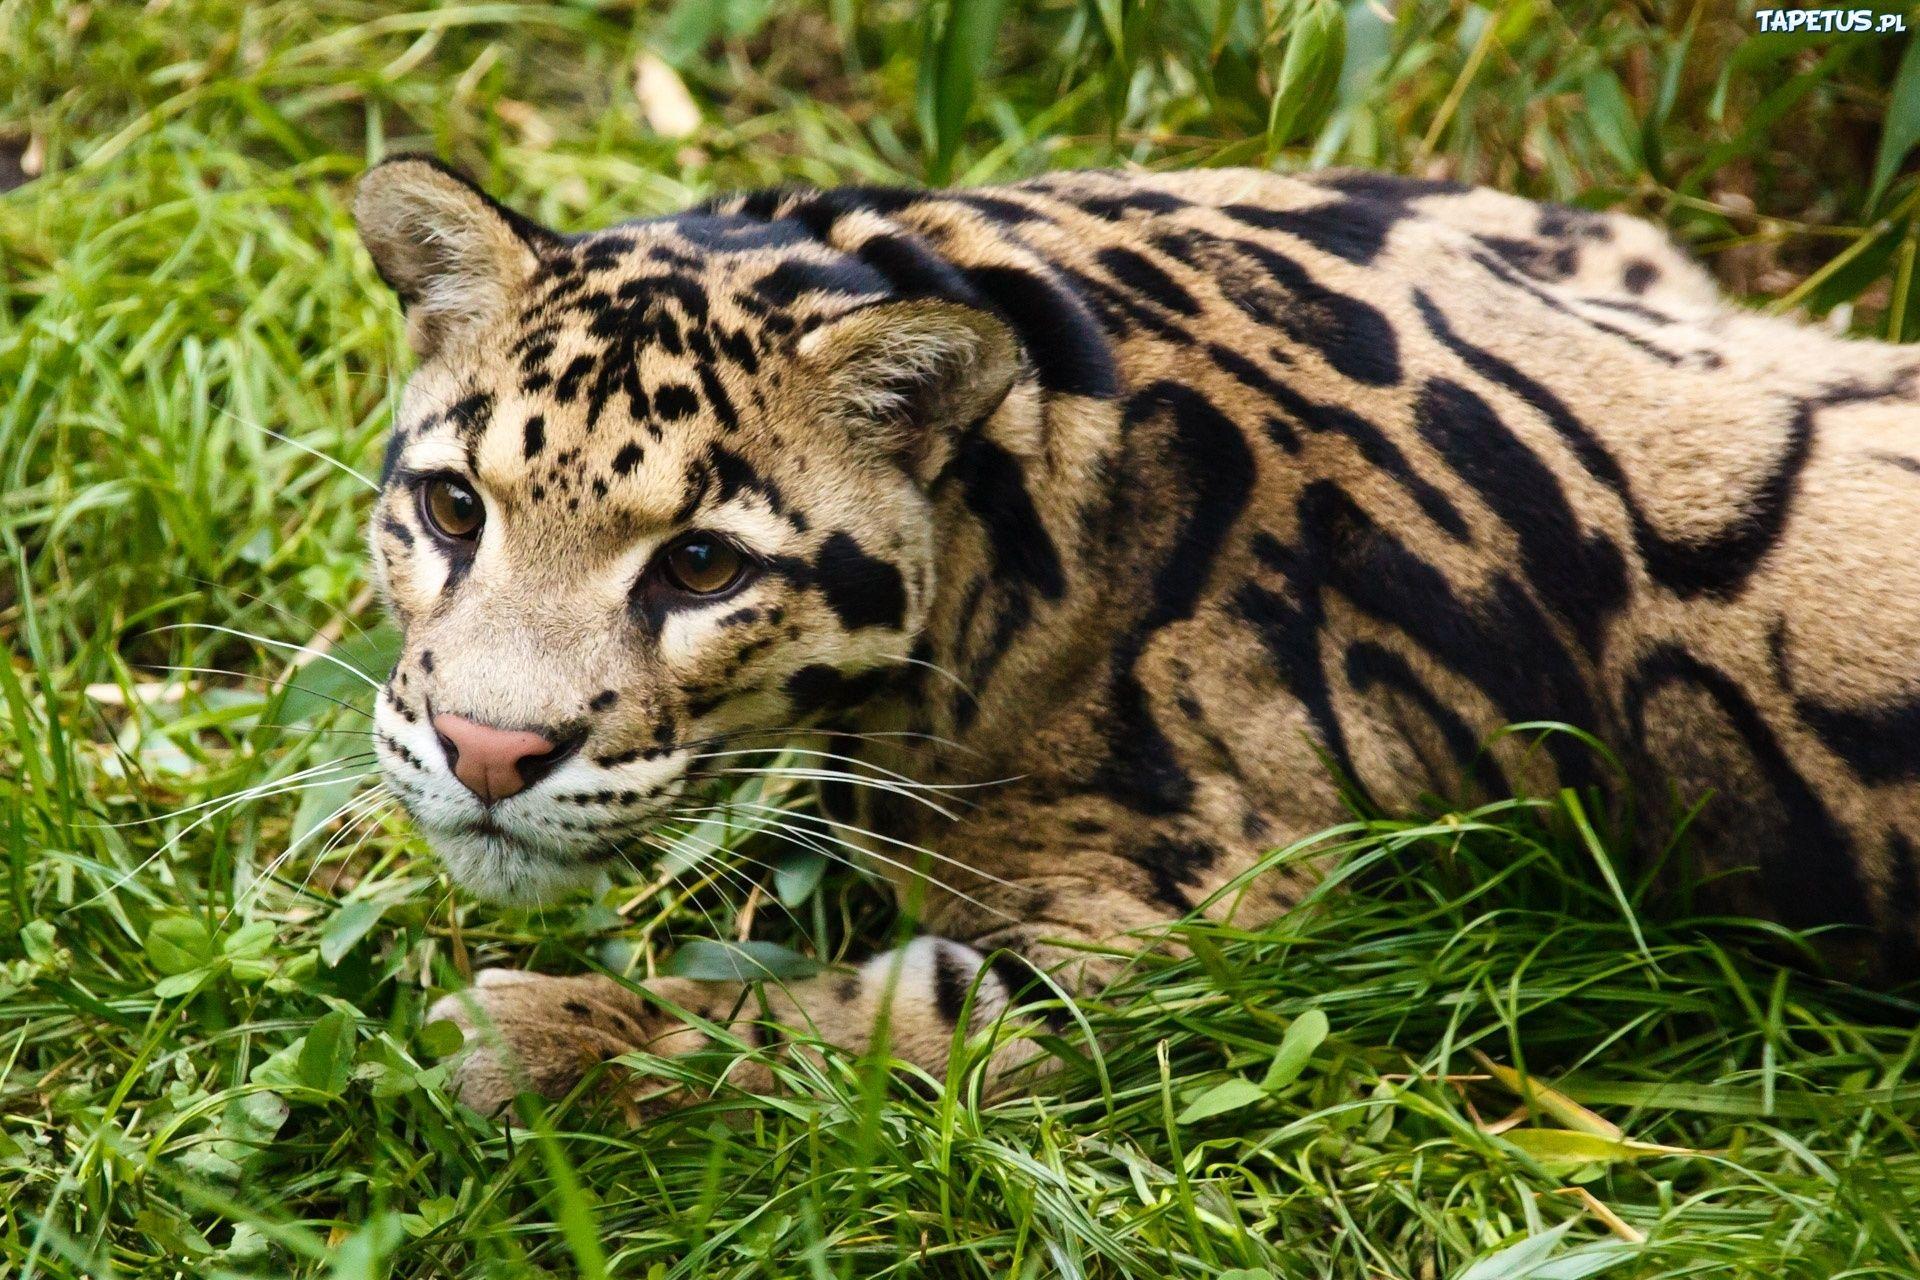 Ocelot słaba ekstra średnia 5 00 głosow 1 Leopard